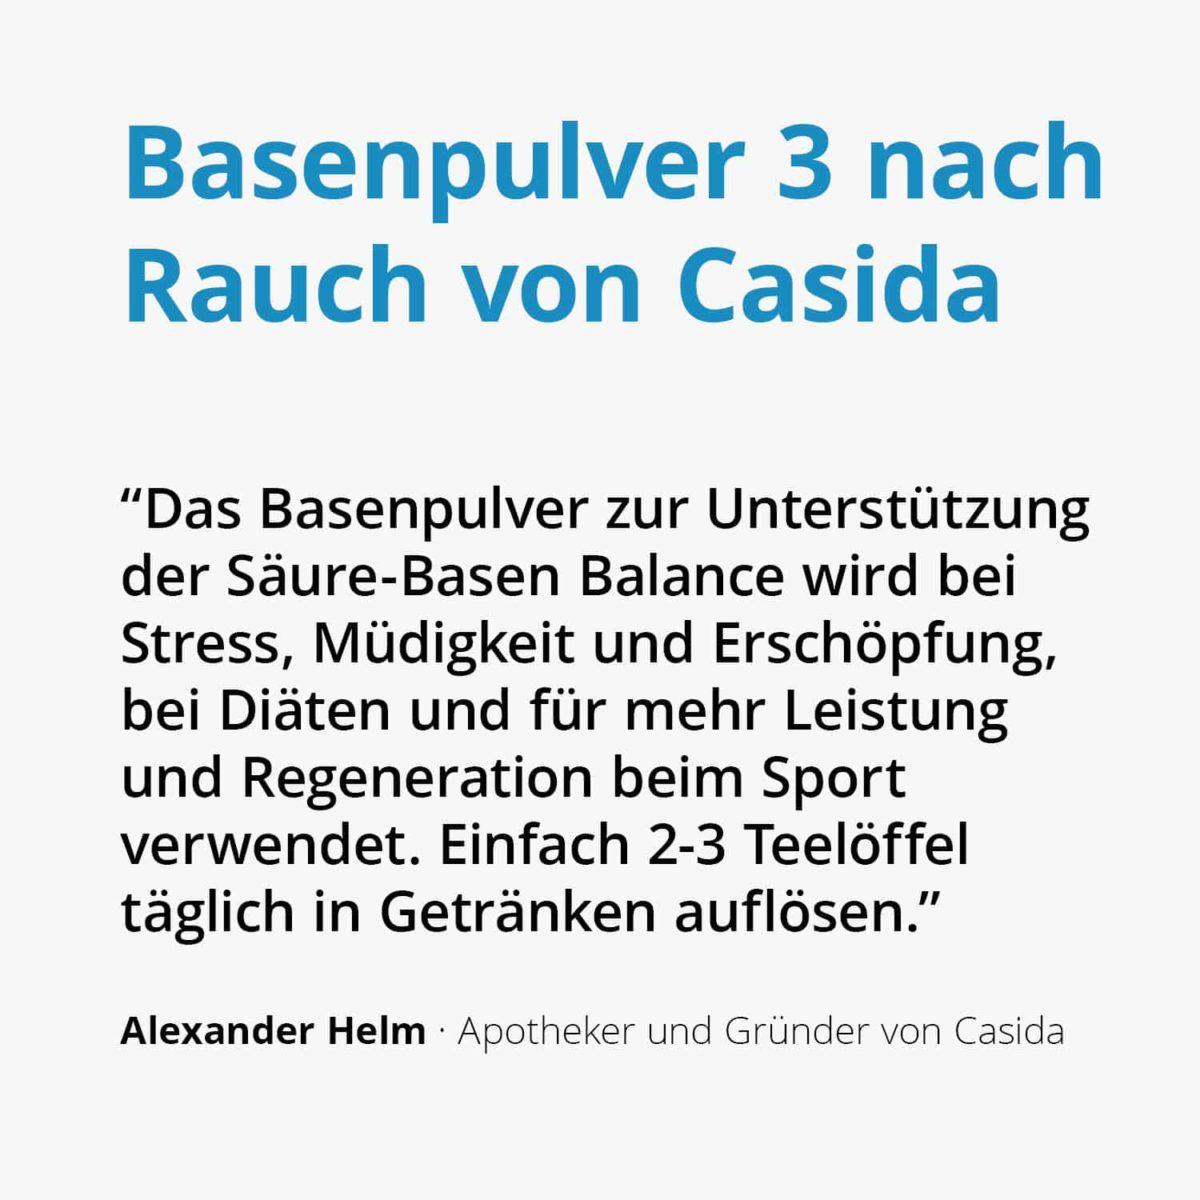 Casida Basenpulver 3 nach Rauch – 200 g 11058942 PZN Apotheke basisch Säure Basen Kur2